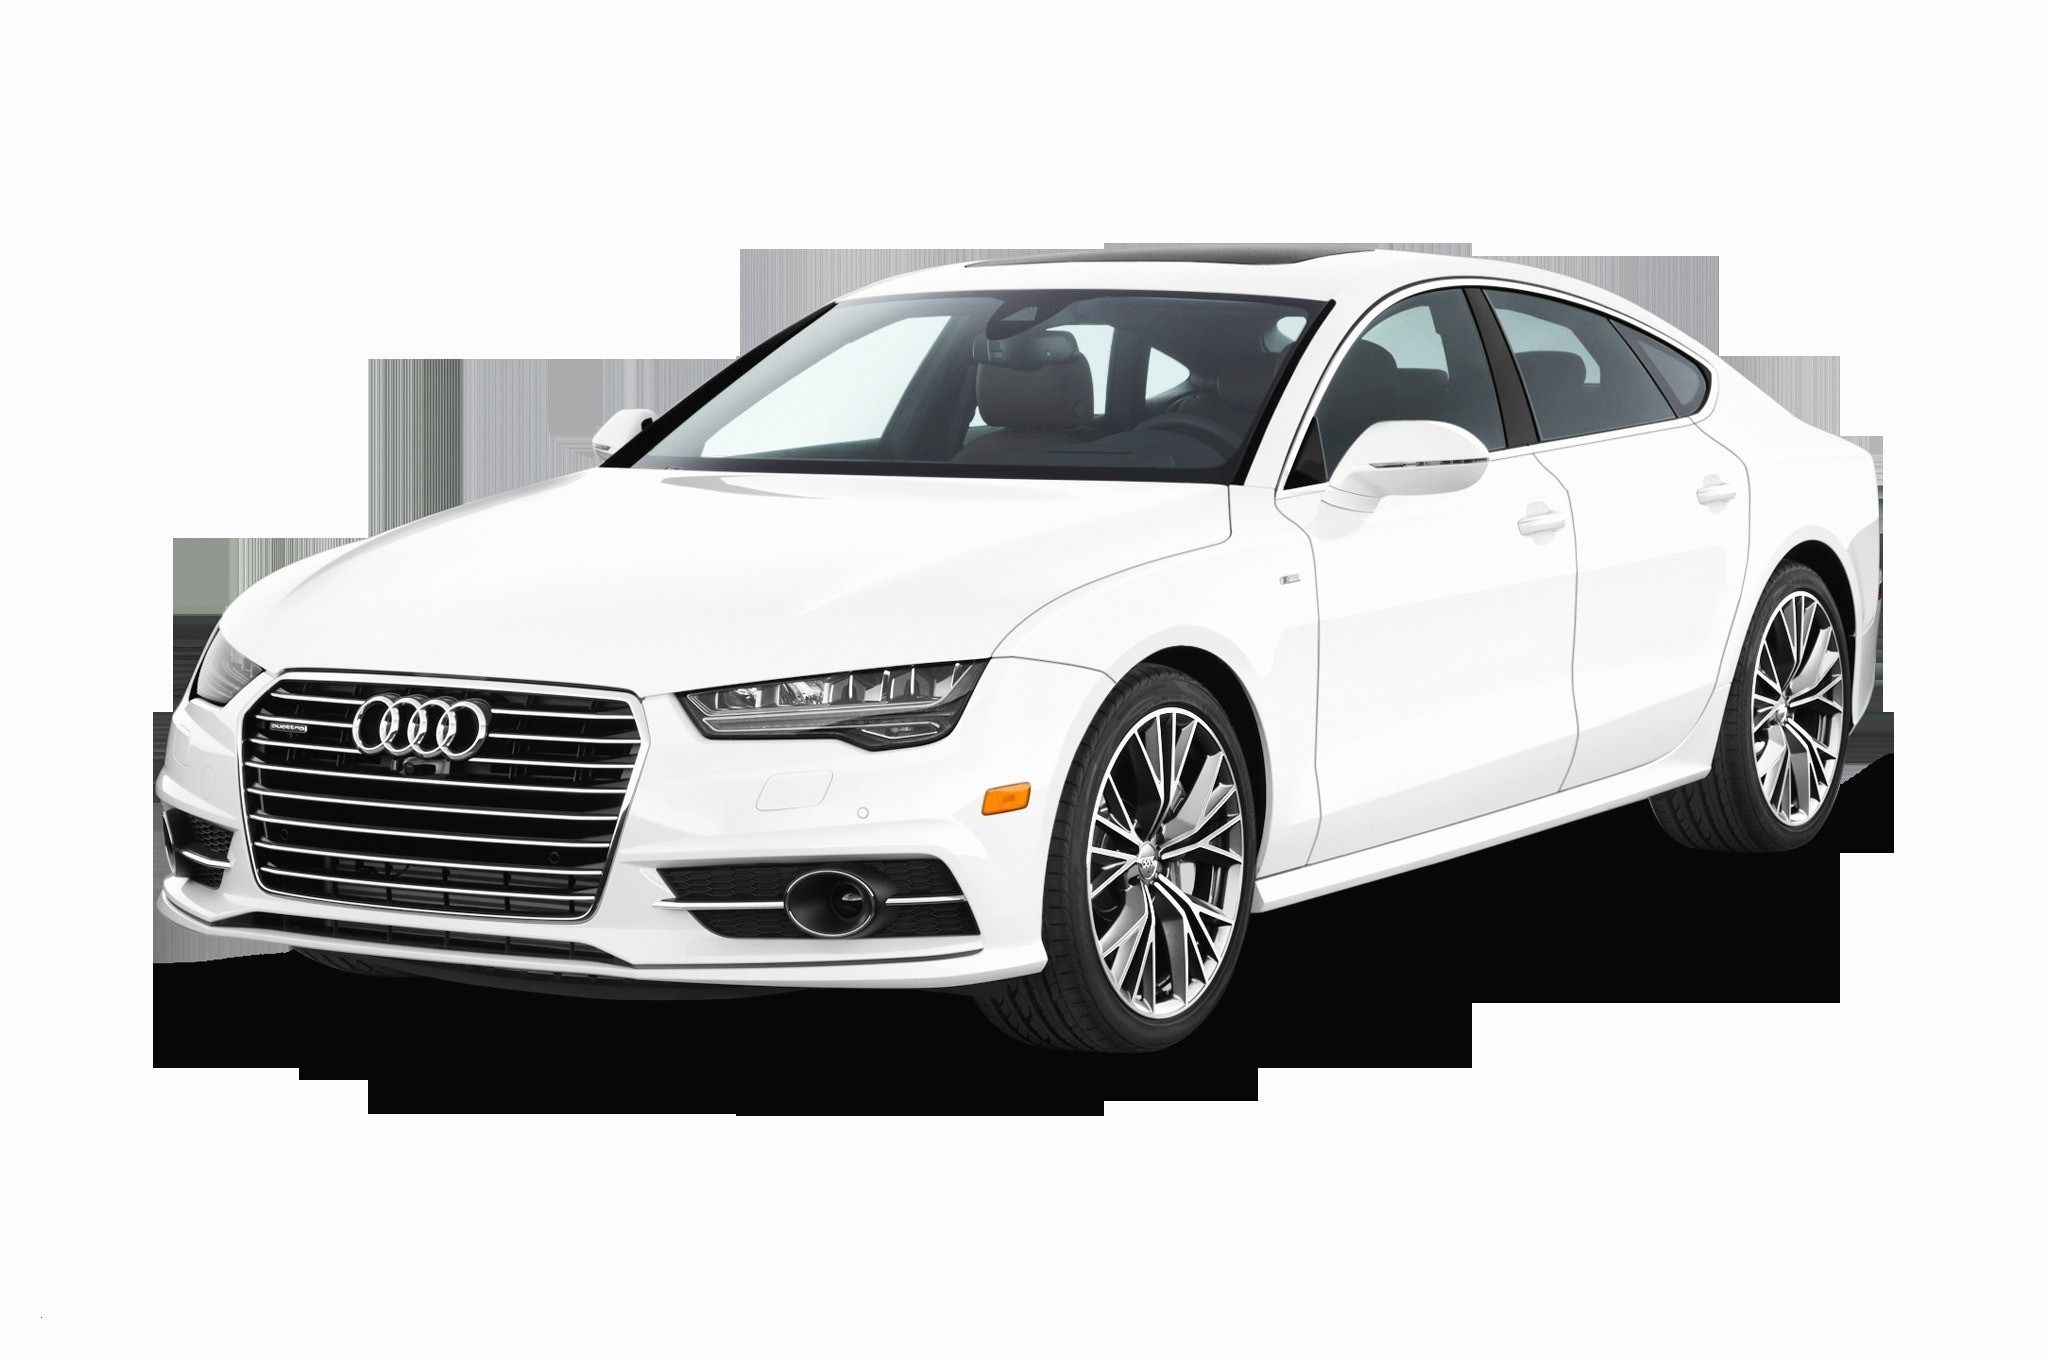 Auto Ausmalbilder Zum Ausdrucken Genial Auto Ausmalbilder Zum Ausdrucken Best Iron Man Audi Better Bmw X3 Das Bild